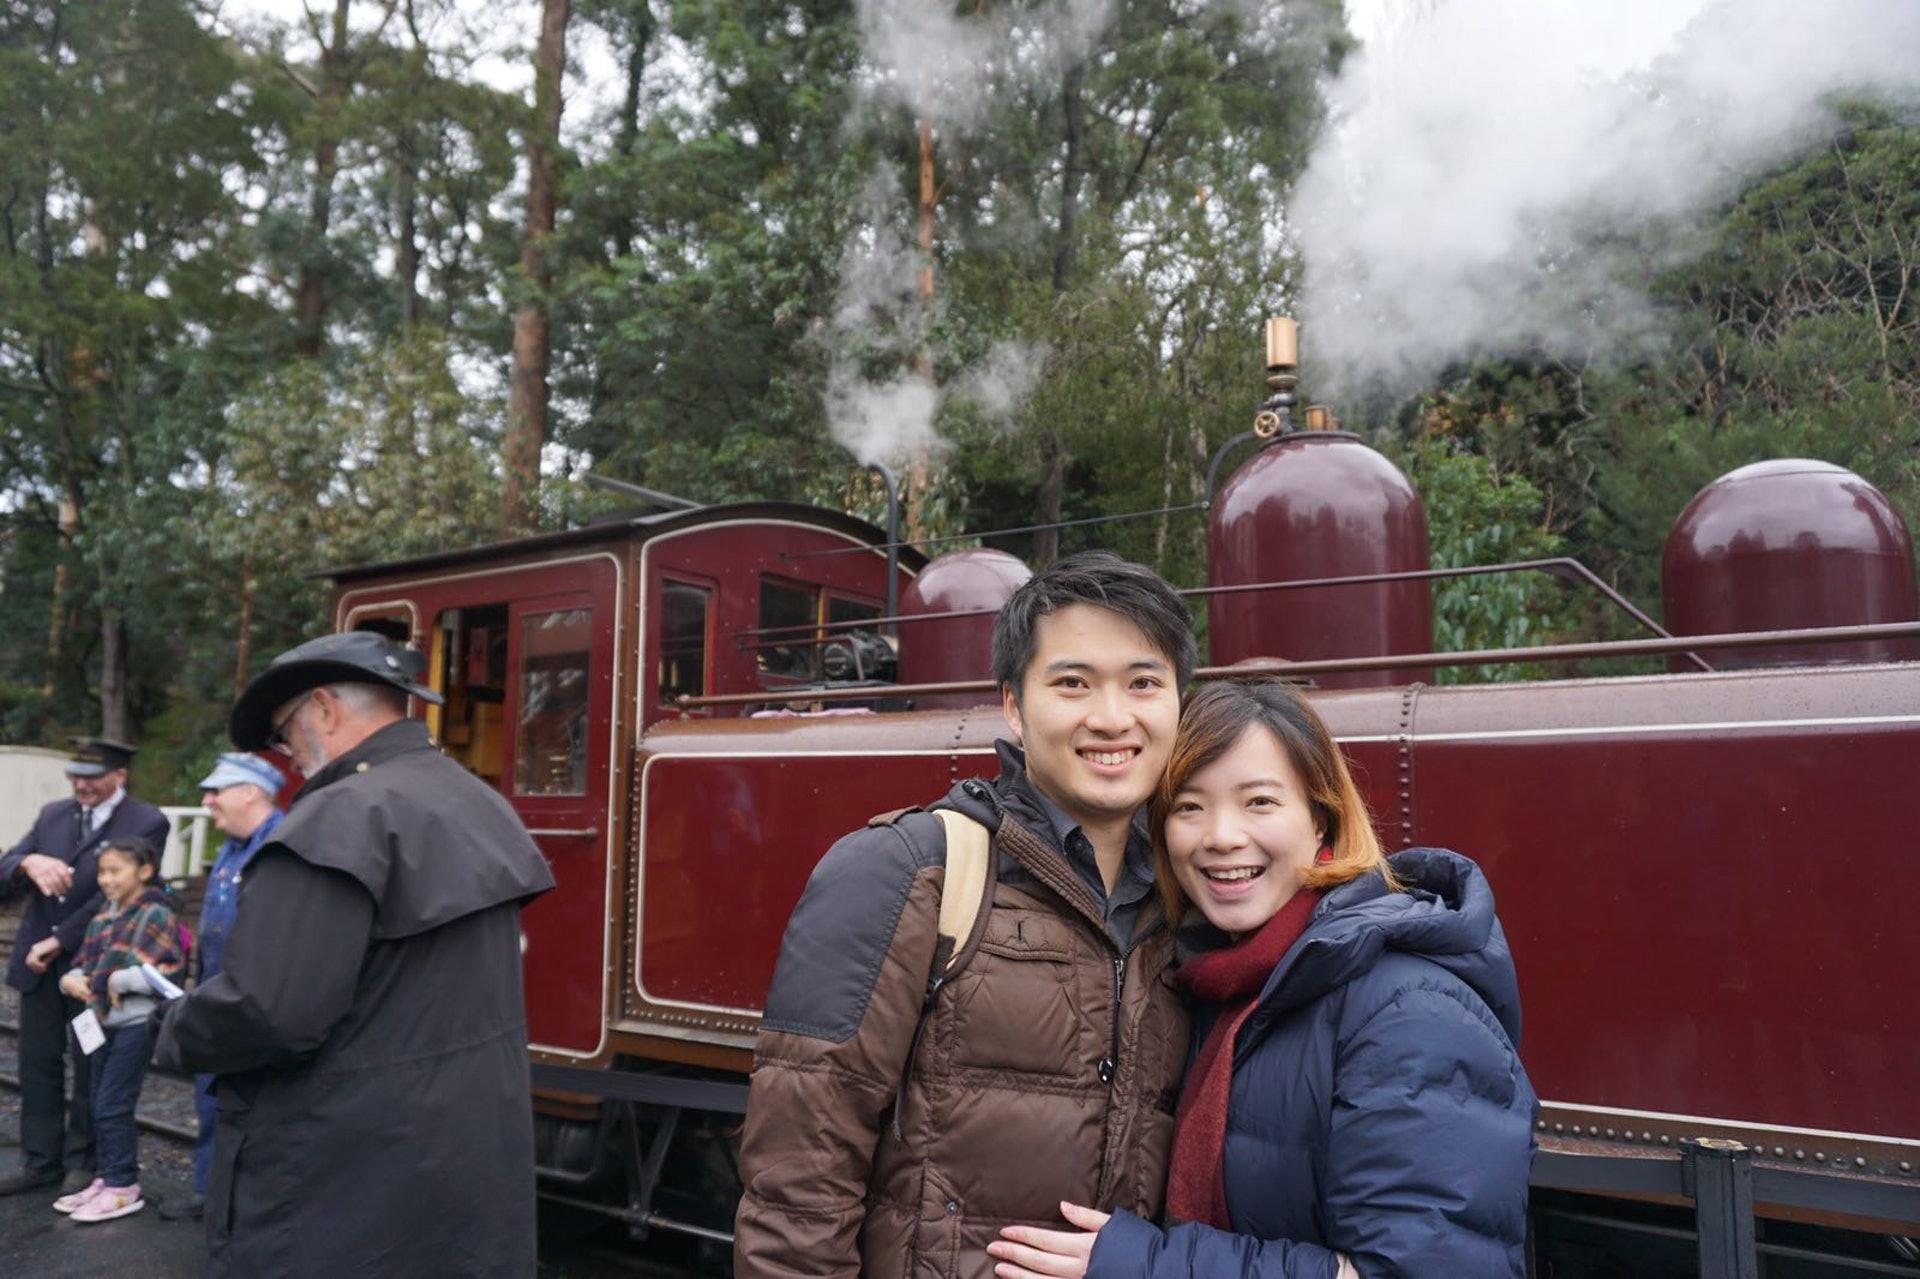 Annabelle(右)表示,墨爾本的交通方便,市區更有免費的電車區域。(受訪者提供)